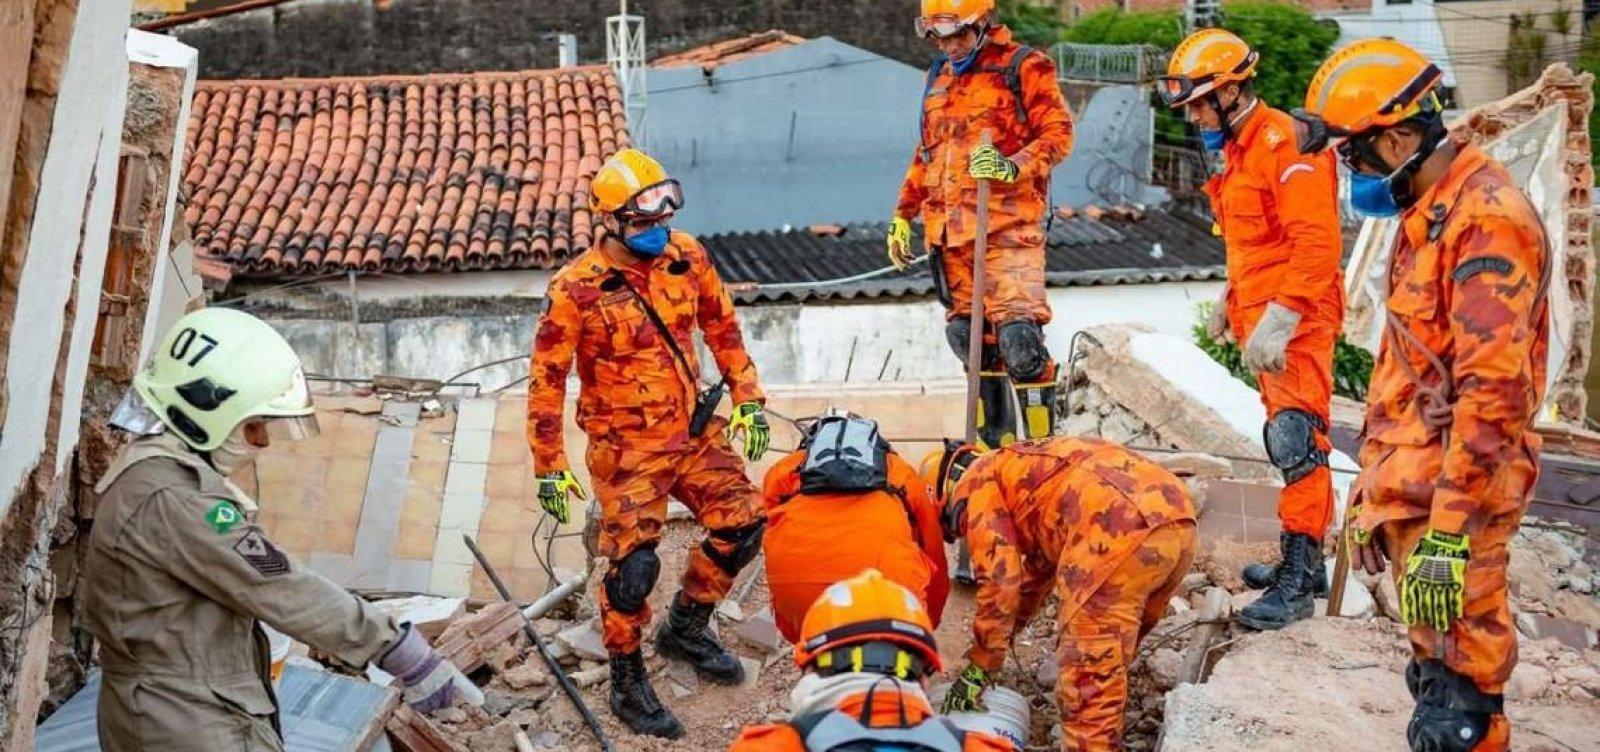 [Bombeiros encontram corpo de 8ª vítima de desabamento em Fortaleza]